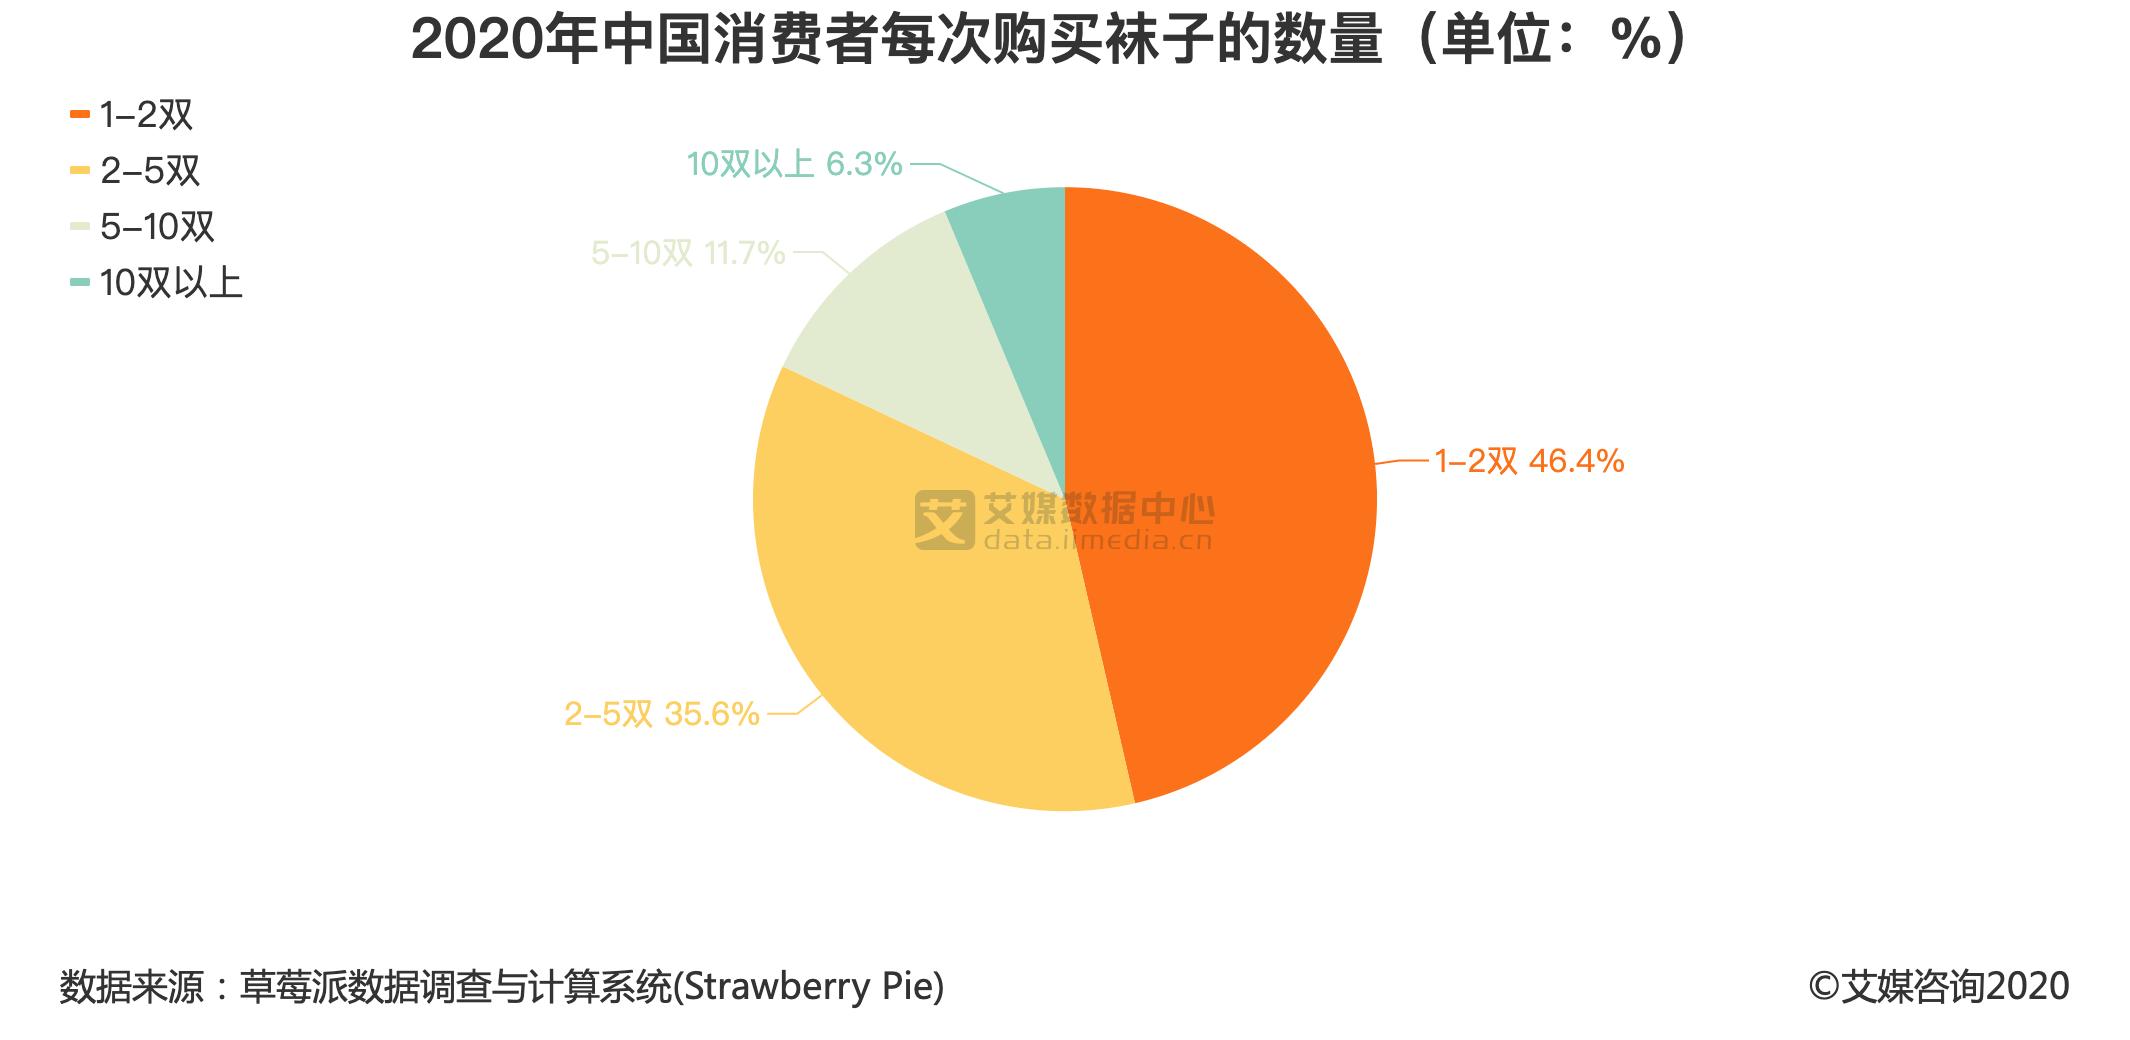 2020年中国消费者每次购买袜子的数量(单位:%)